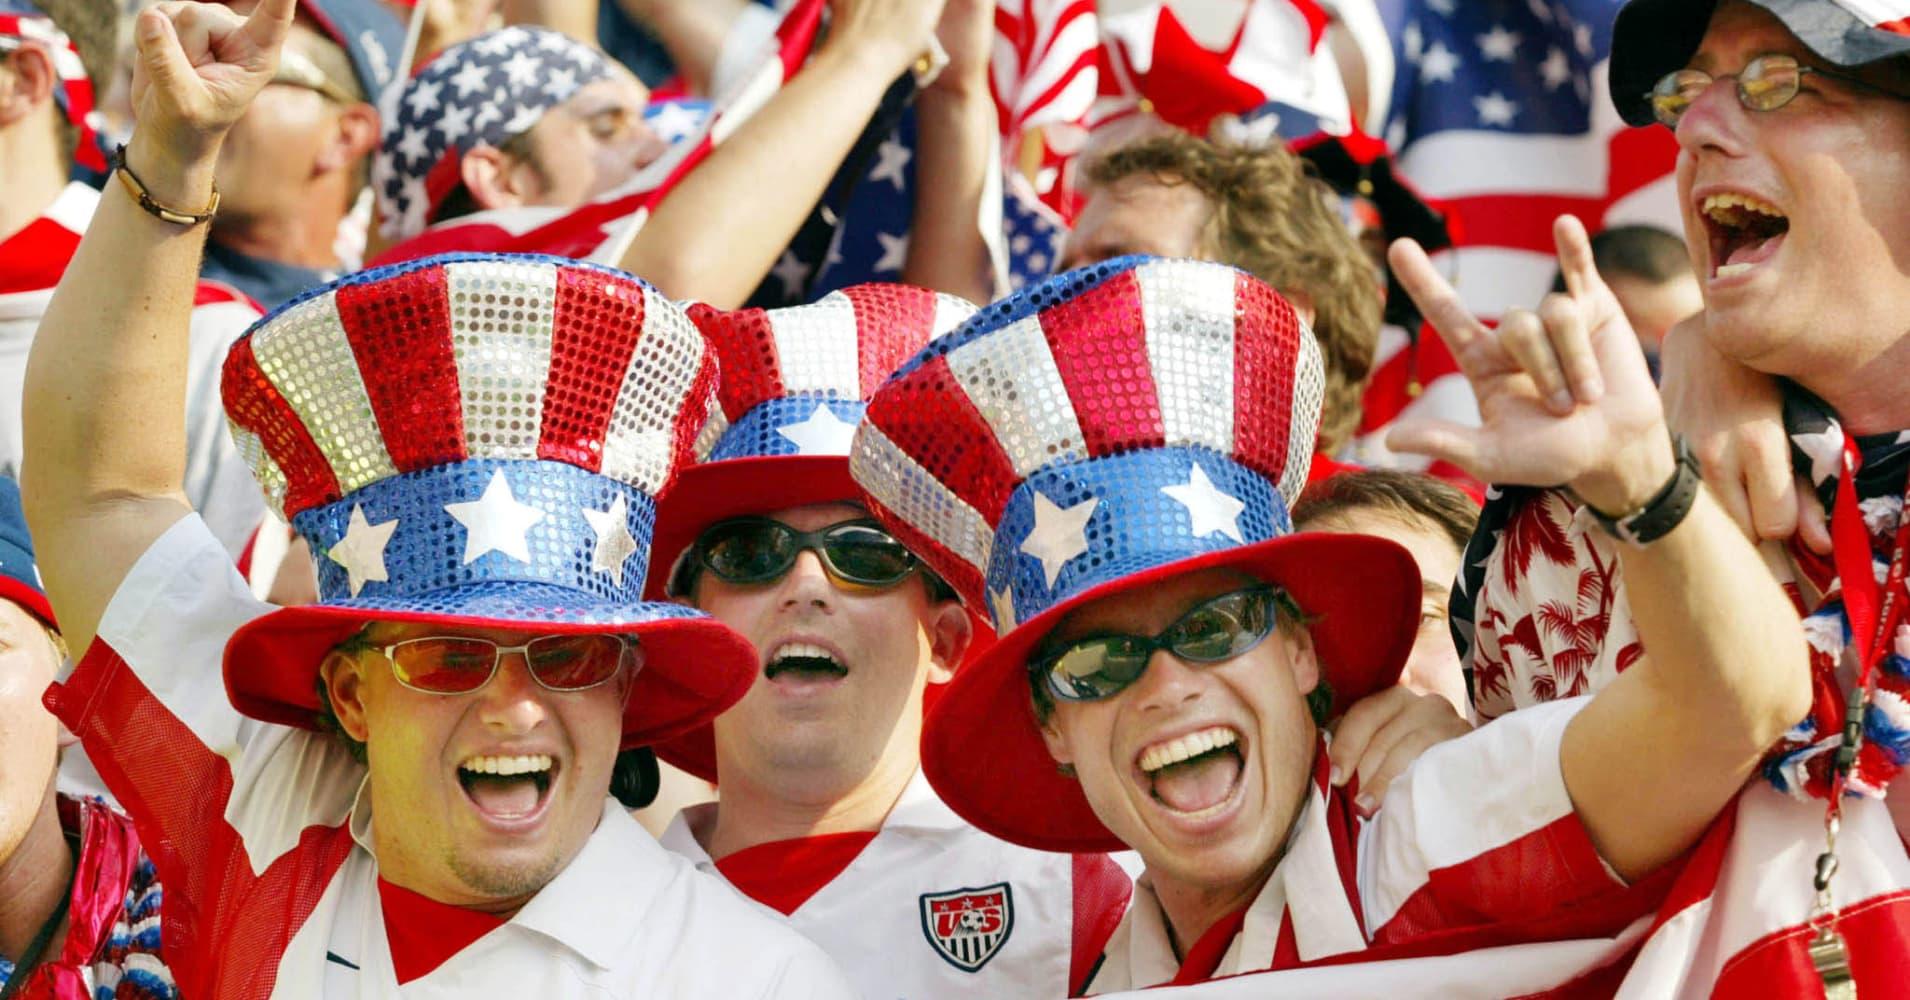 Morgan Stanley: Belief in 'American exceptionalism' among global investors has n...